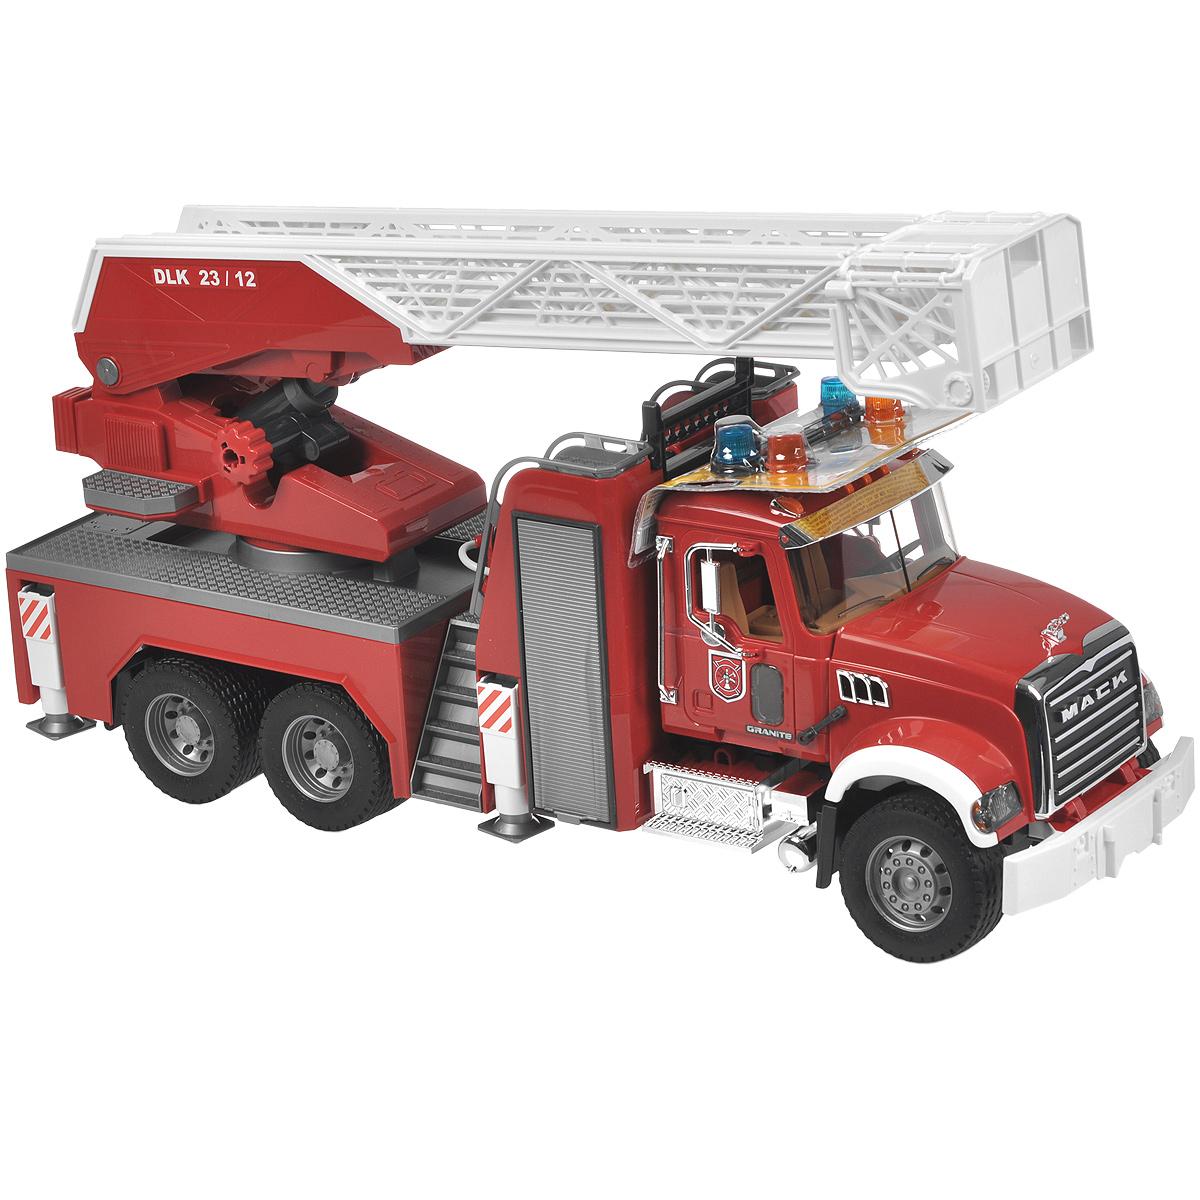 Bruder Пожарная машина Mack02-821Пожарная машина Bruder Mack, выполненная из прочного безопасного материала красного, серебристого и белого цветов, отлично подойдет ребенку для различных игр. Машина является уменьшенной копией пожарной машины фирмы Mack. Пожарная машина с выдвижной трёхуровневой лестницей является долгожданной новинкой. Лестница меняет угол наклона и выдвигается специальной ручкой. К лестнице прикреплена люлька, которая меняет угол наклона. Машина оснащена пожарным рукавом с ёмкостью для воды и функционирующим помповым насосом. Платформа машины поворачивается на 360°, Двери водительской кабины открываются, зеркала складываются, есть ящик для инструментов, оснащена четырьмя опорами для устойчивости. Капот поднимается (открывается доступ к двигателю). Машина выделяется хромированными элементами - радиатором, баком, козырьком, поручнями, зеркалами, выхлопной трубой. Колёса прорезинены. Специальный модуль с мигающими лампочками и звуком продолжительностью 18 секунд (4 режима - гудок, звук...